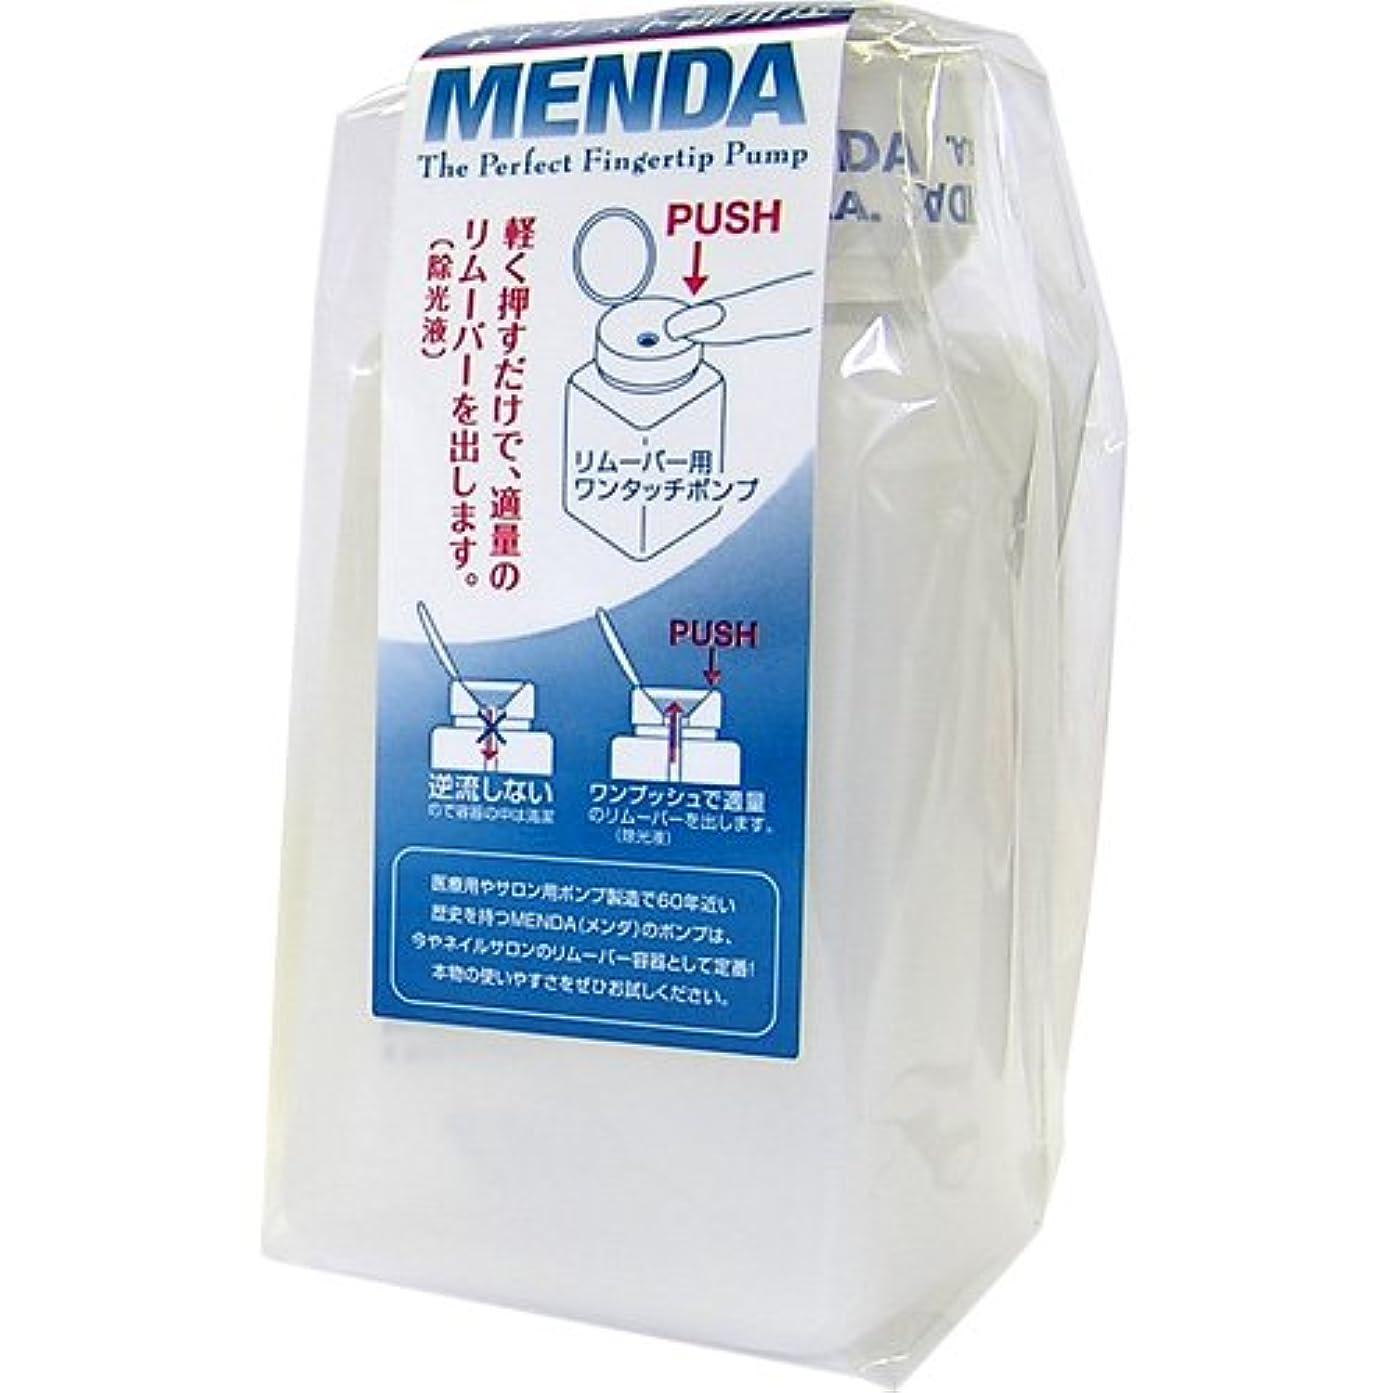 サイズ邪悪な普通のメンダ<MENDA>リムーバー用ワンタッチポンプ180ml(6oz)